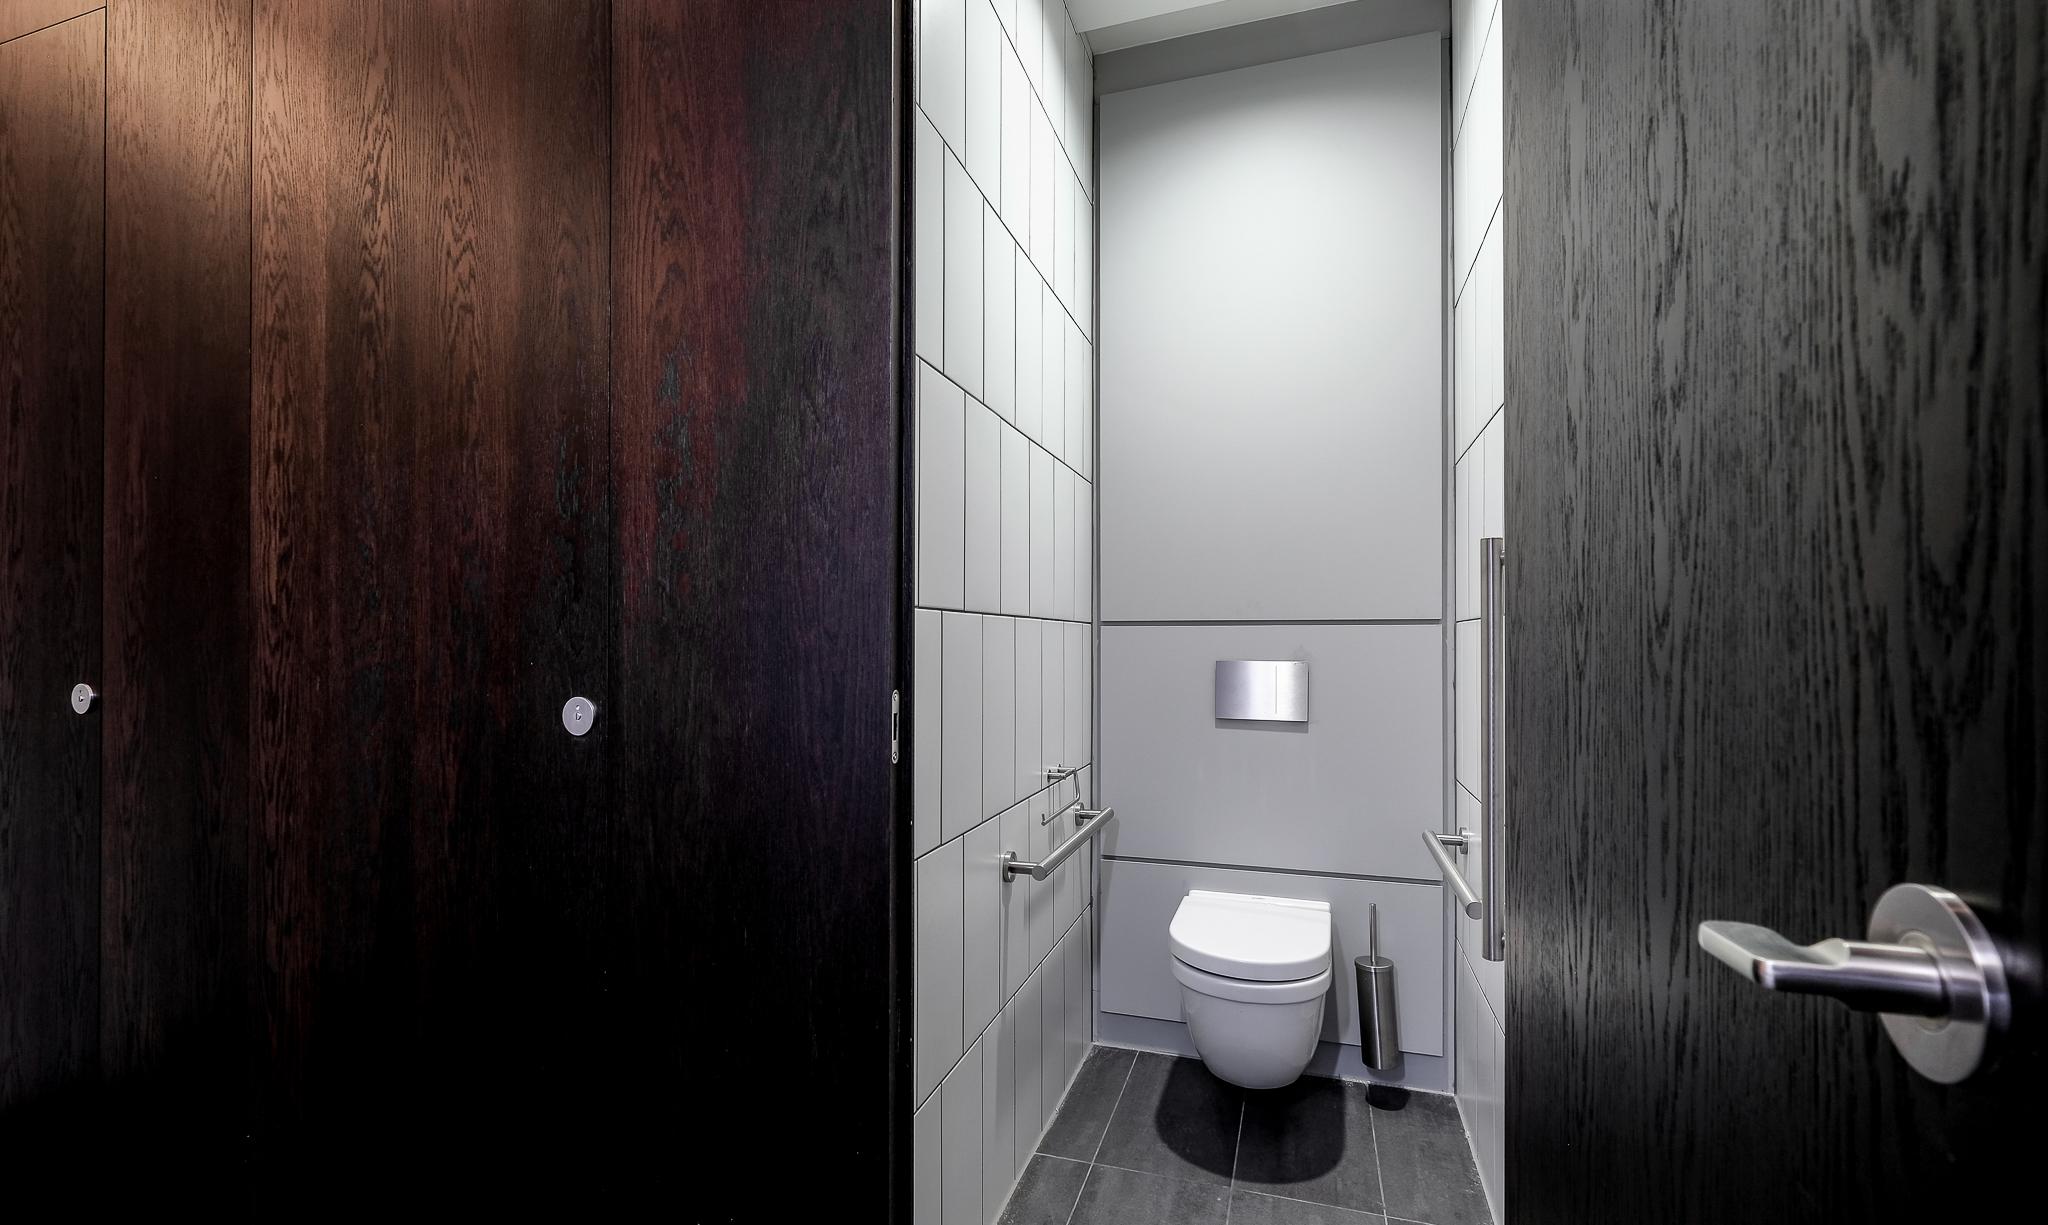 Holborn mock-up washroom full size